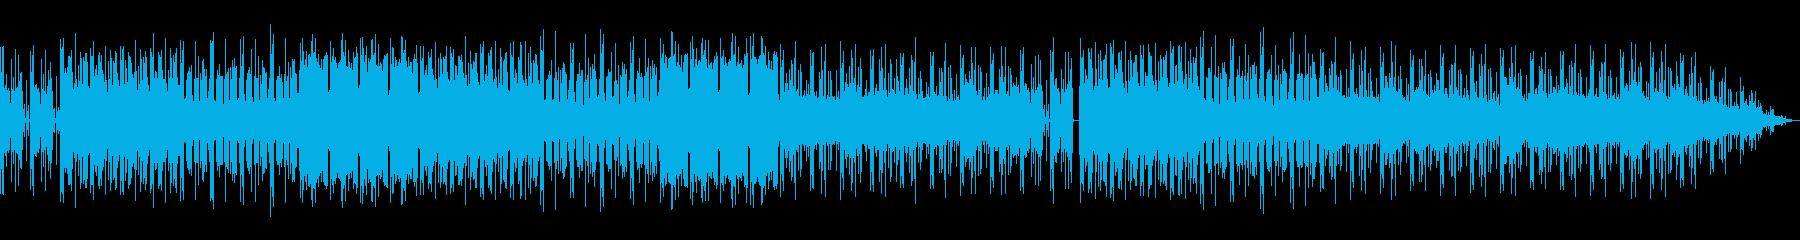 いつもと違う休日 非日常 アナログシンセの再生済みの波形